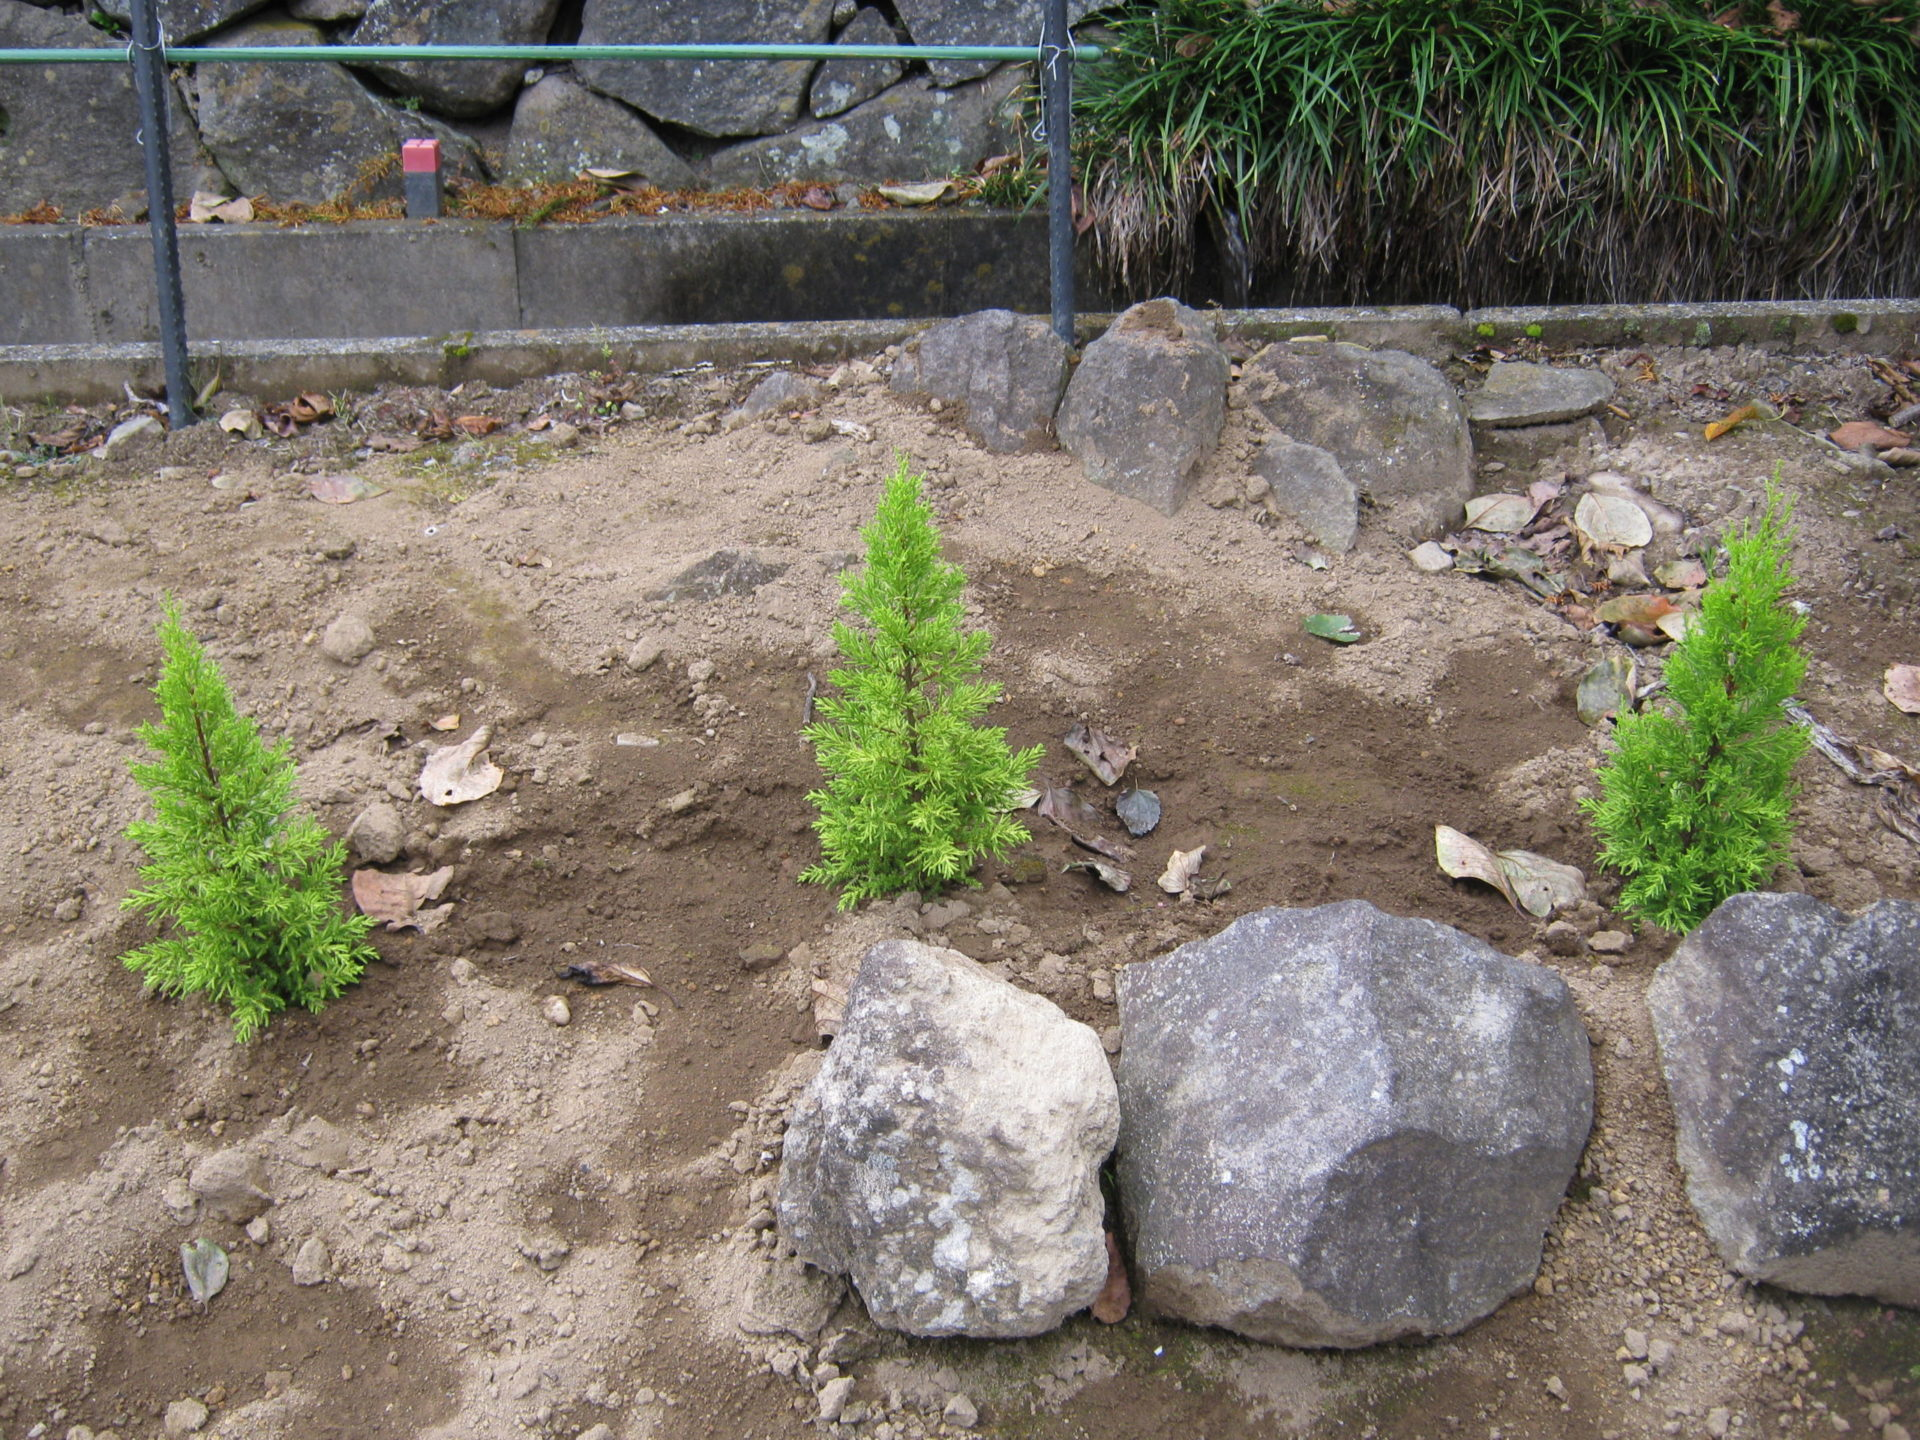 生垣を作りたいと思いコニファー(針葉樹の総称)を植えました。